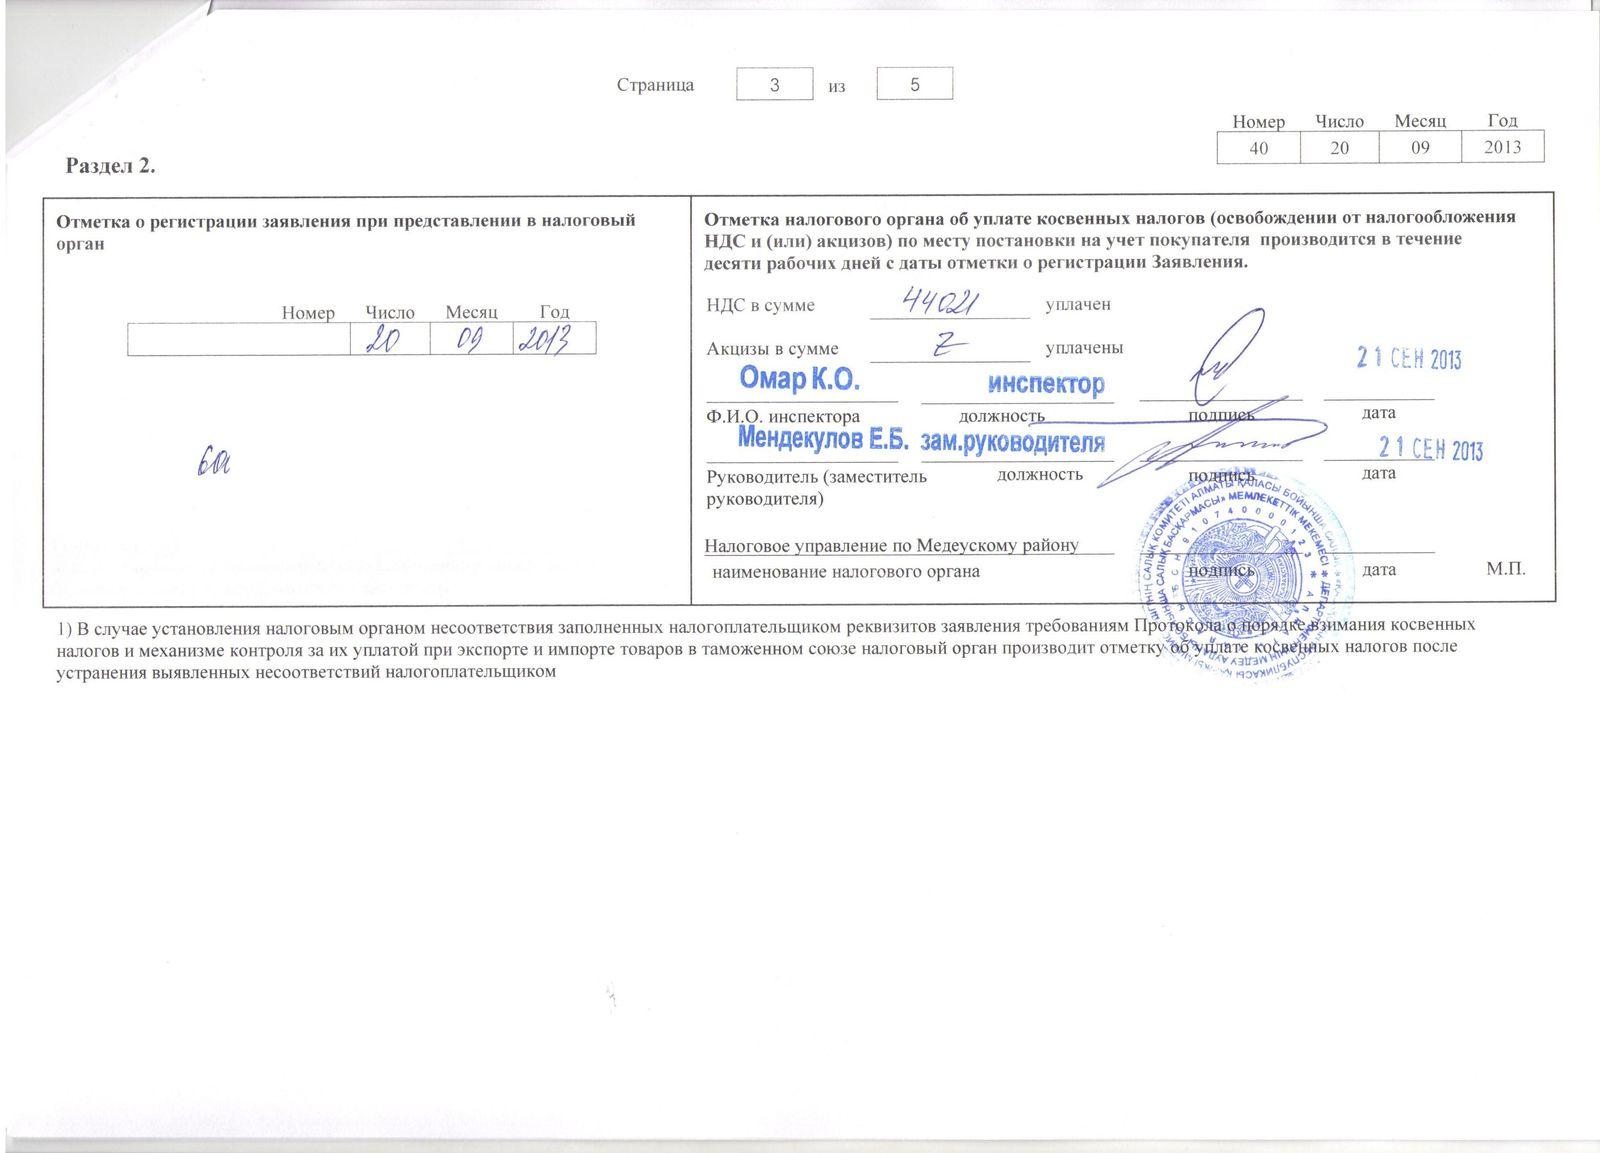 Заявление о регистрации по месту пребывания форма 1 бланк 2016 скачать - 20f